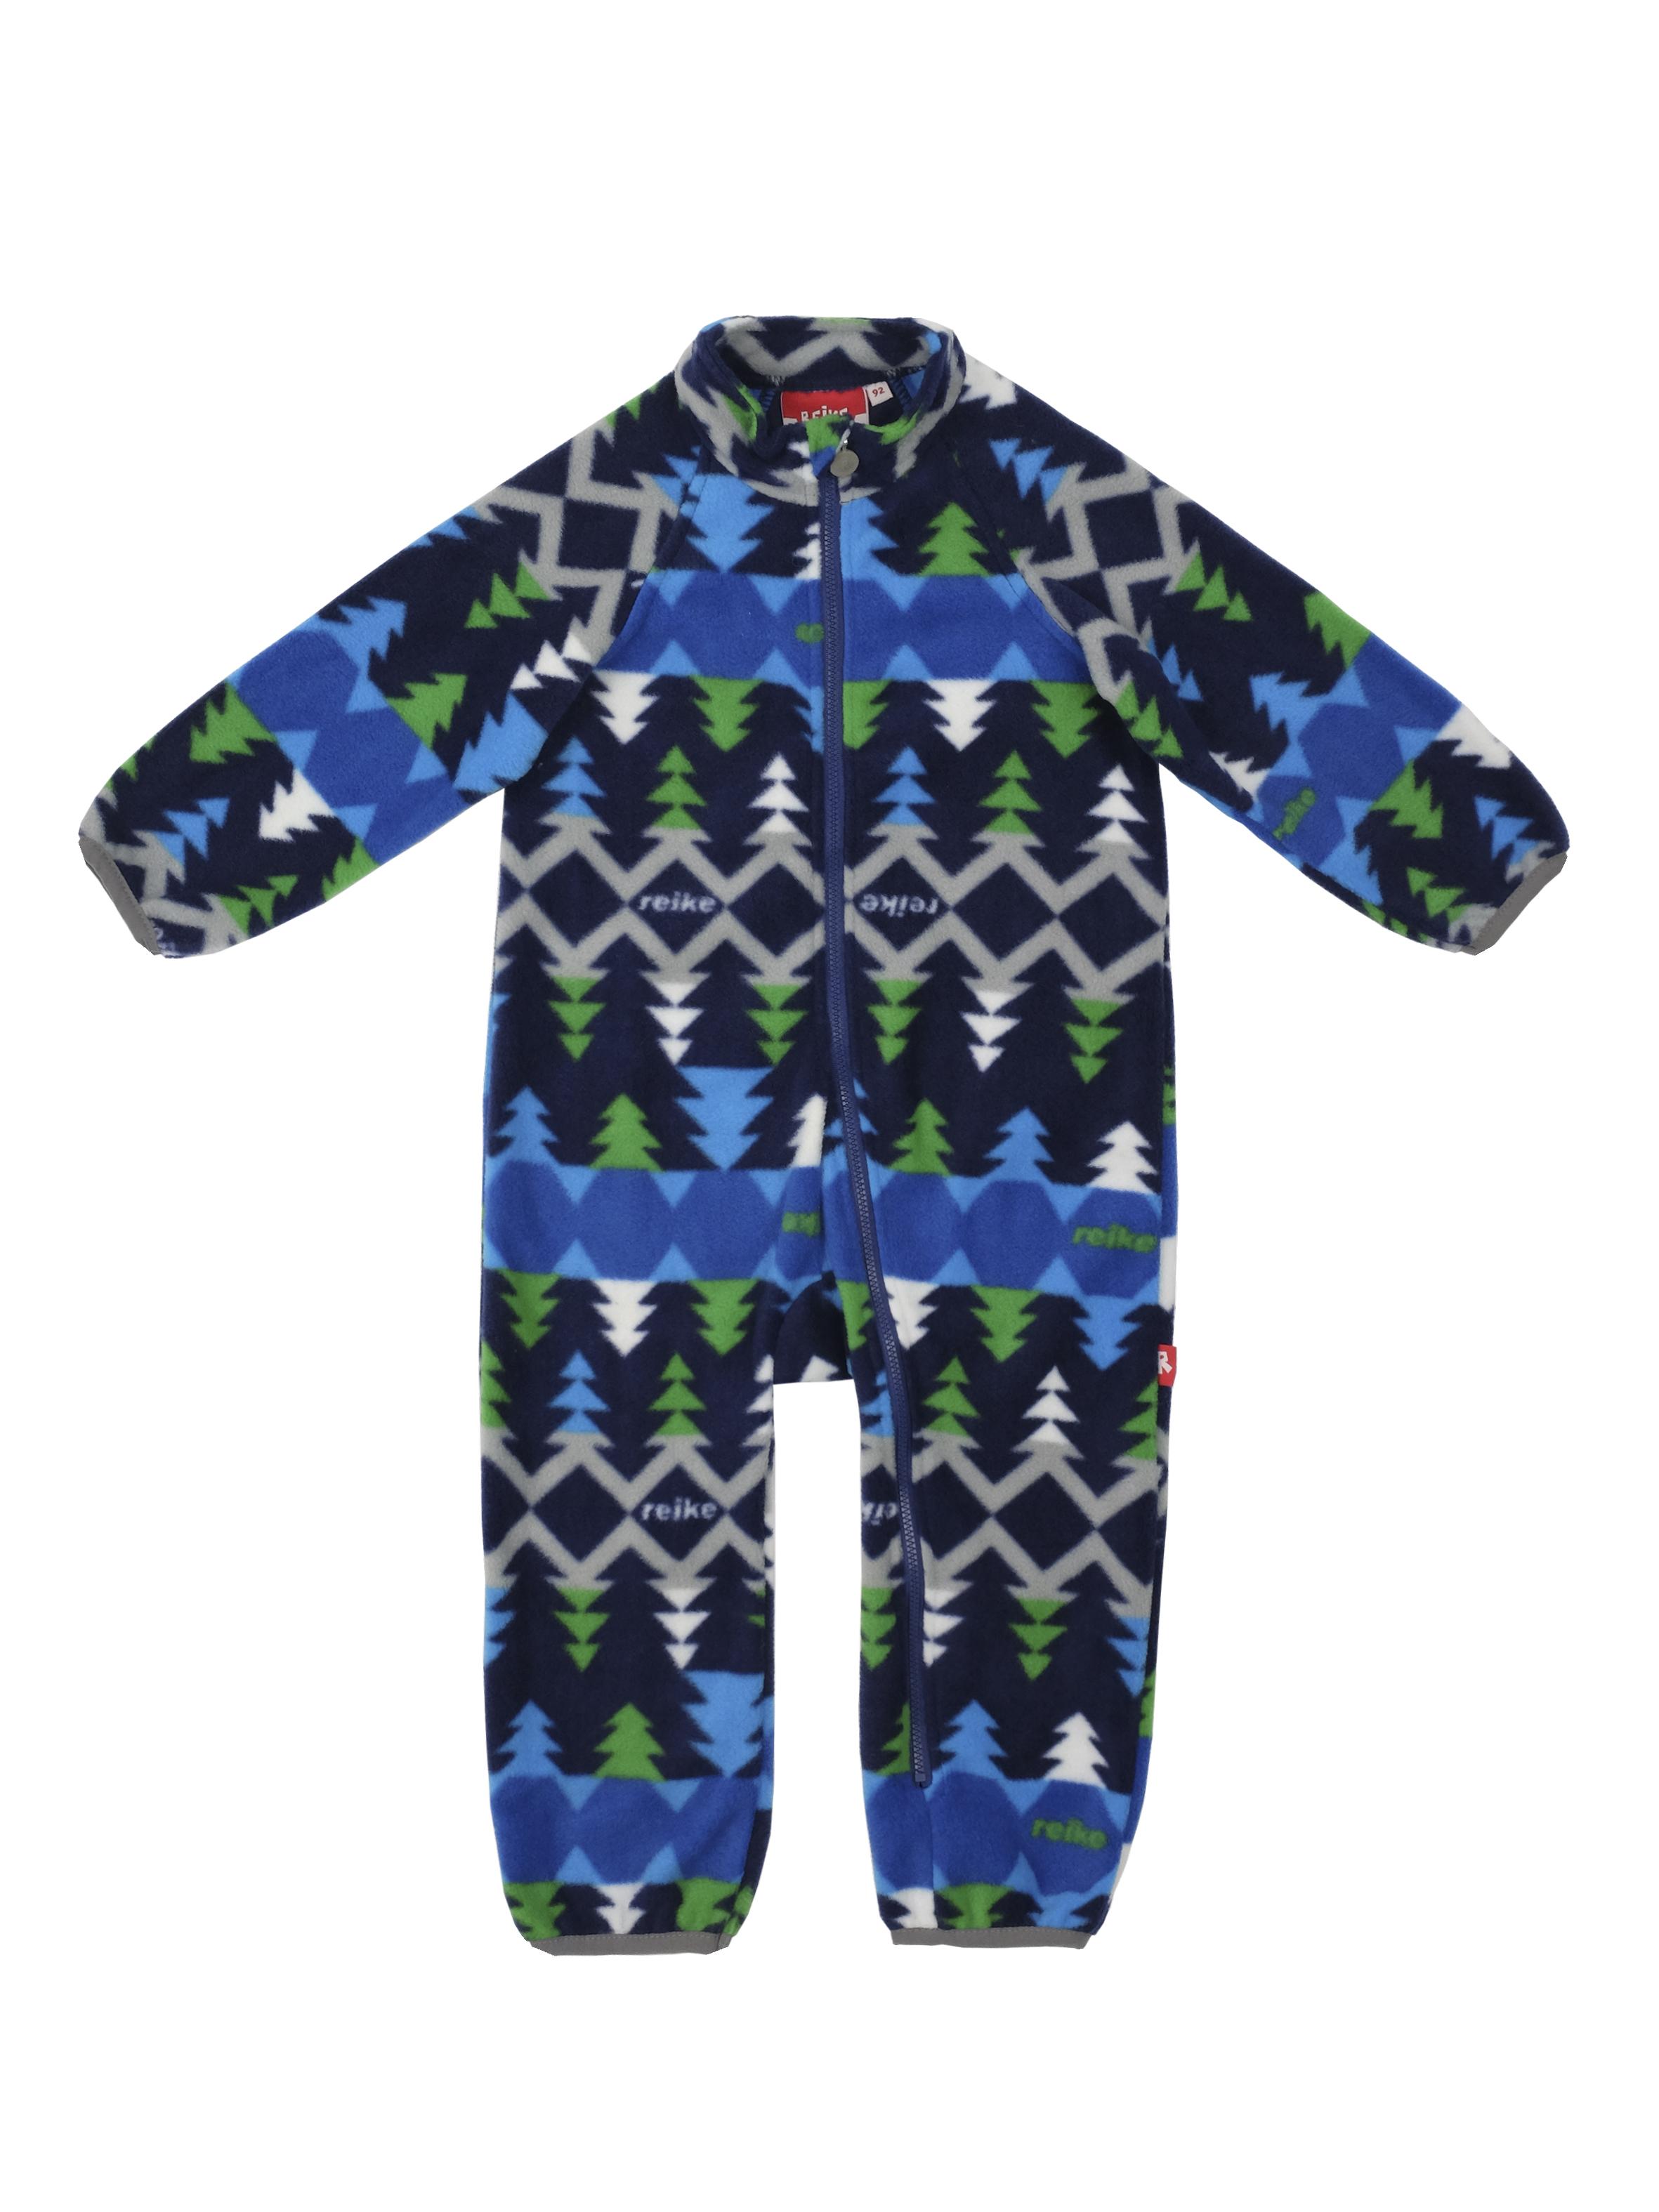 Комбинезон детский повседневный Reike WL 83 blue